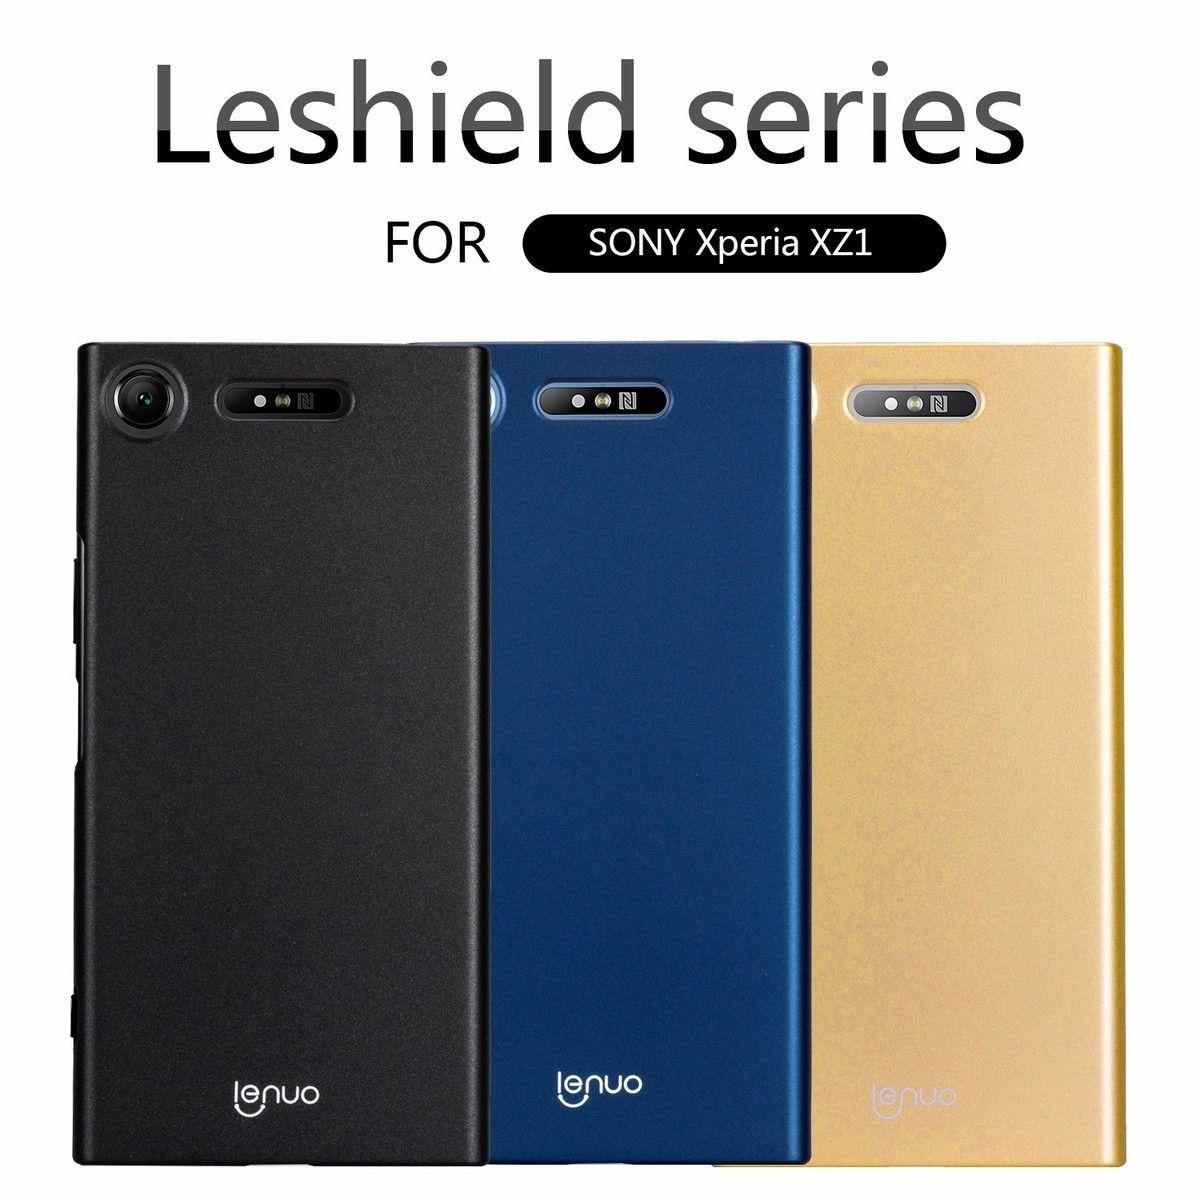 Caso Para Sony Xperia XZ1 Lenuo Leshield Serie de Lujo PC Dura de la sFor Sony Xperia Caso XZ1